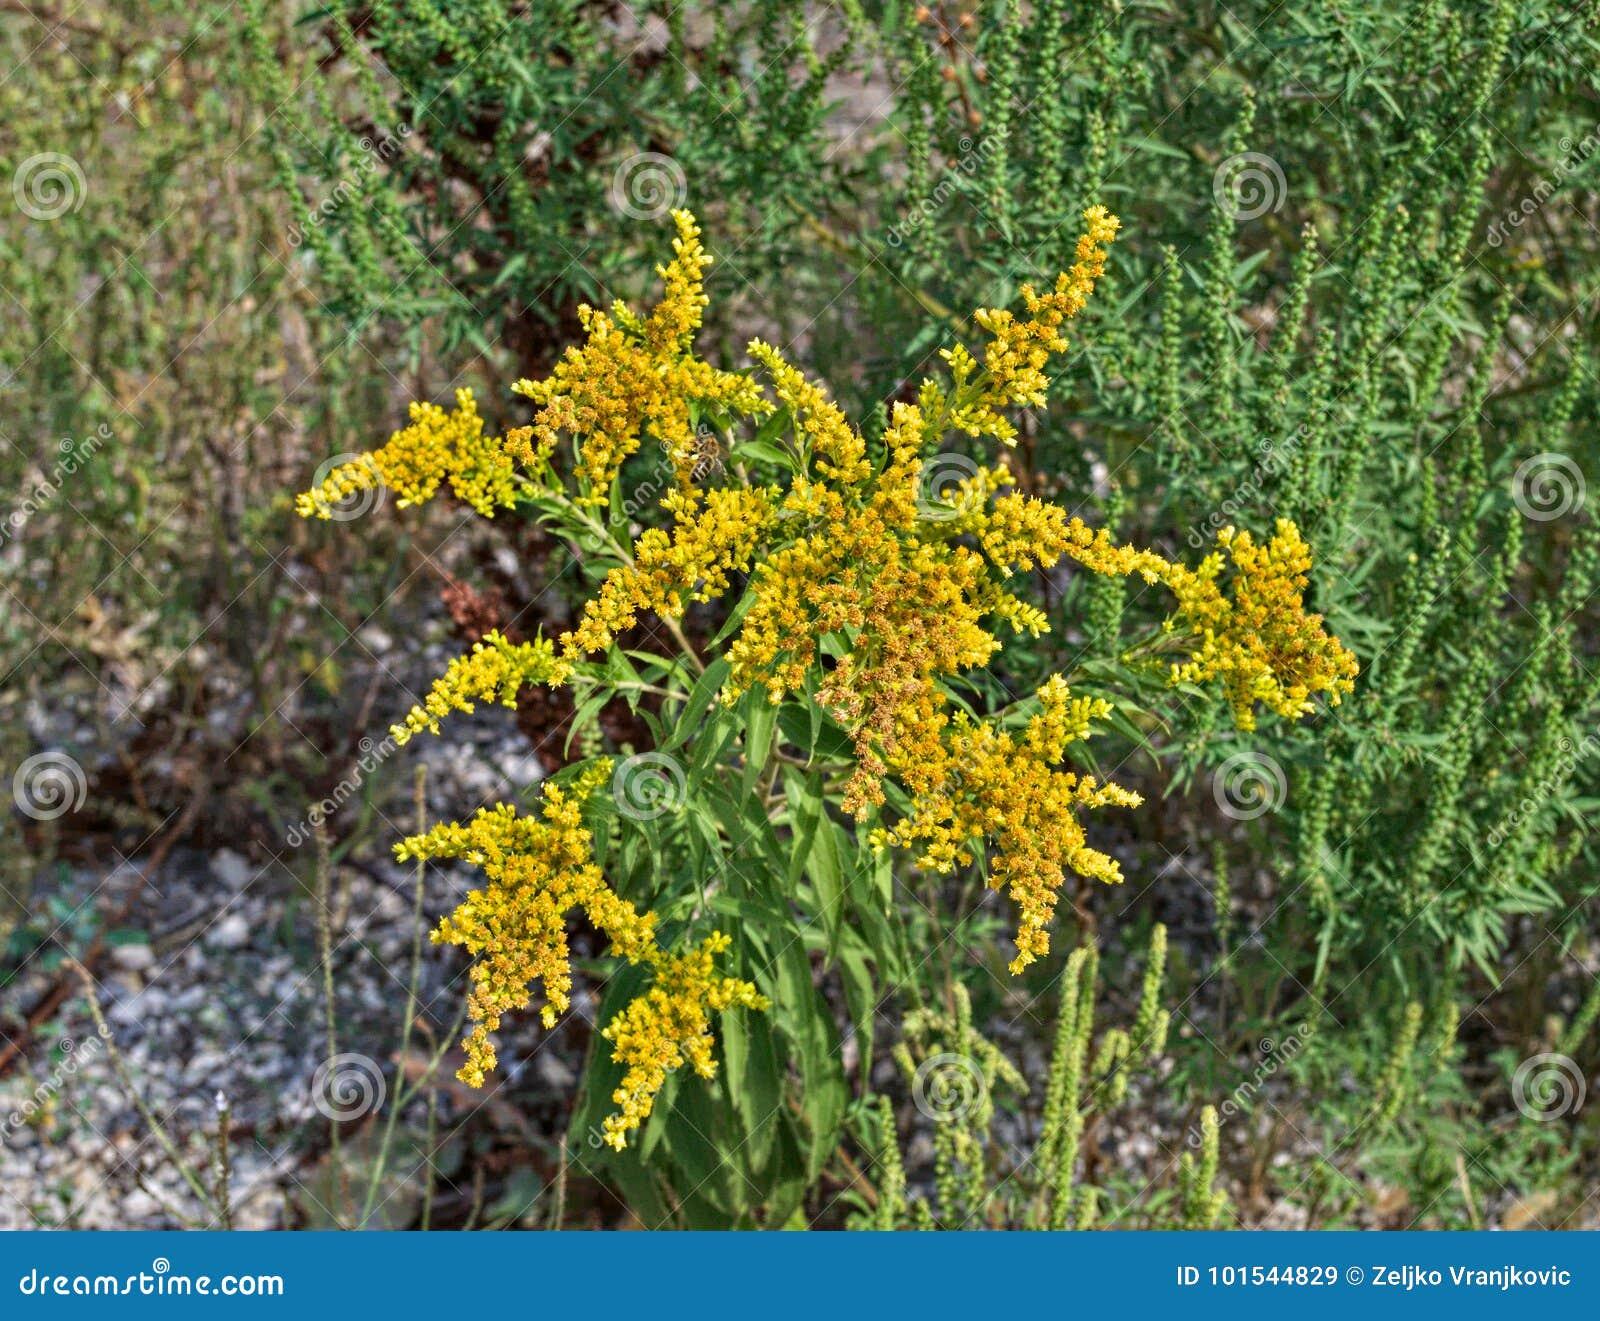 Pianta selvatica che fiorisce con l abbondanza di fiori gialli